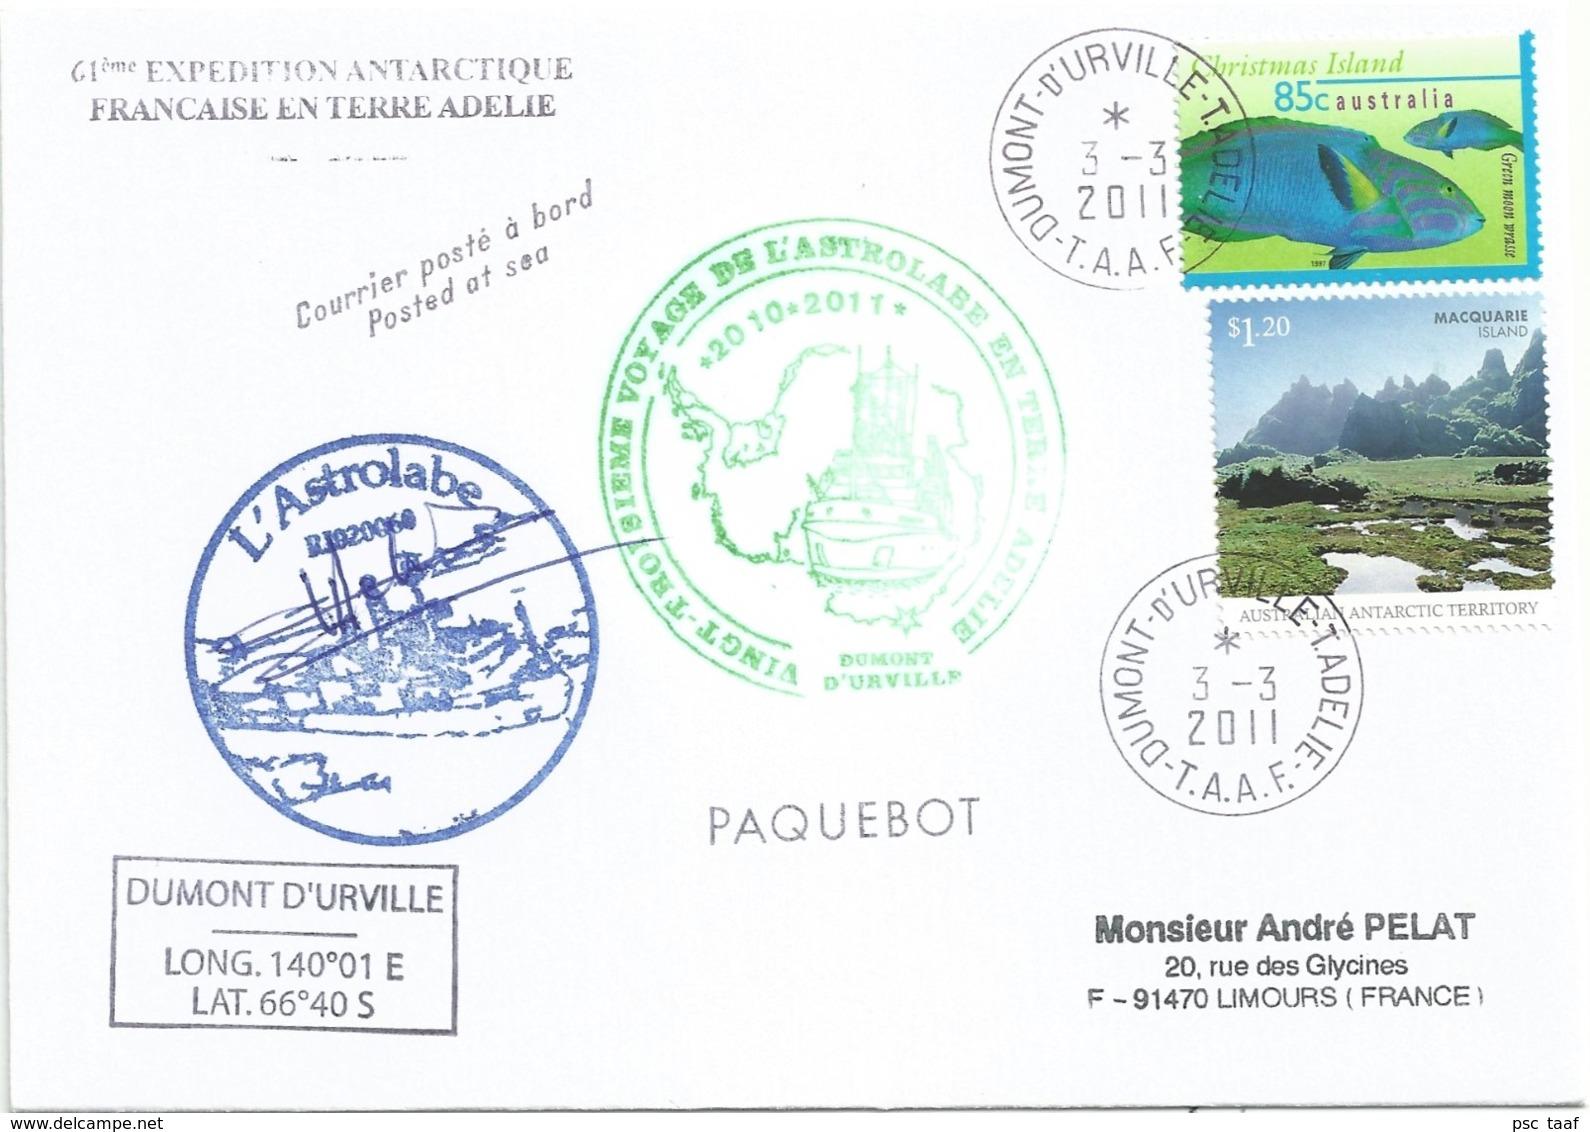 YT 437 - Poissons - Ile Macquarie - Posté à Bord De L'Astrolabe - Dumont D'Urville - 03/03/2011 - Islas Cocos (Keeling)